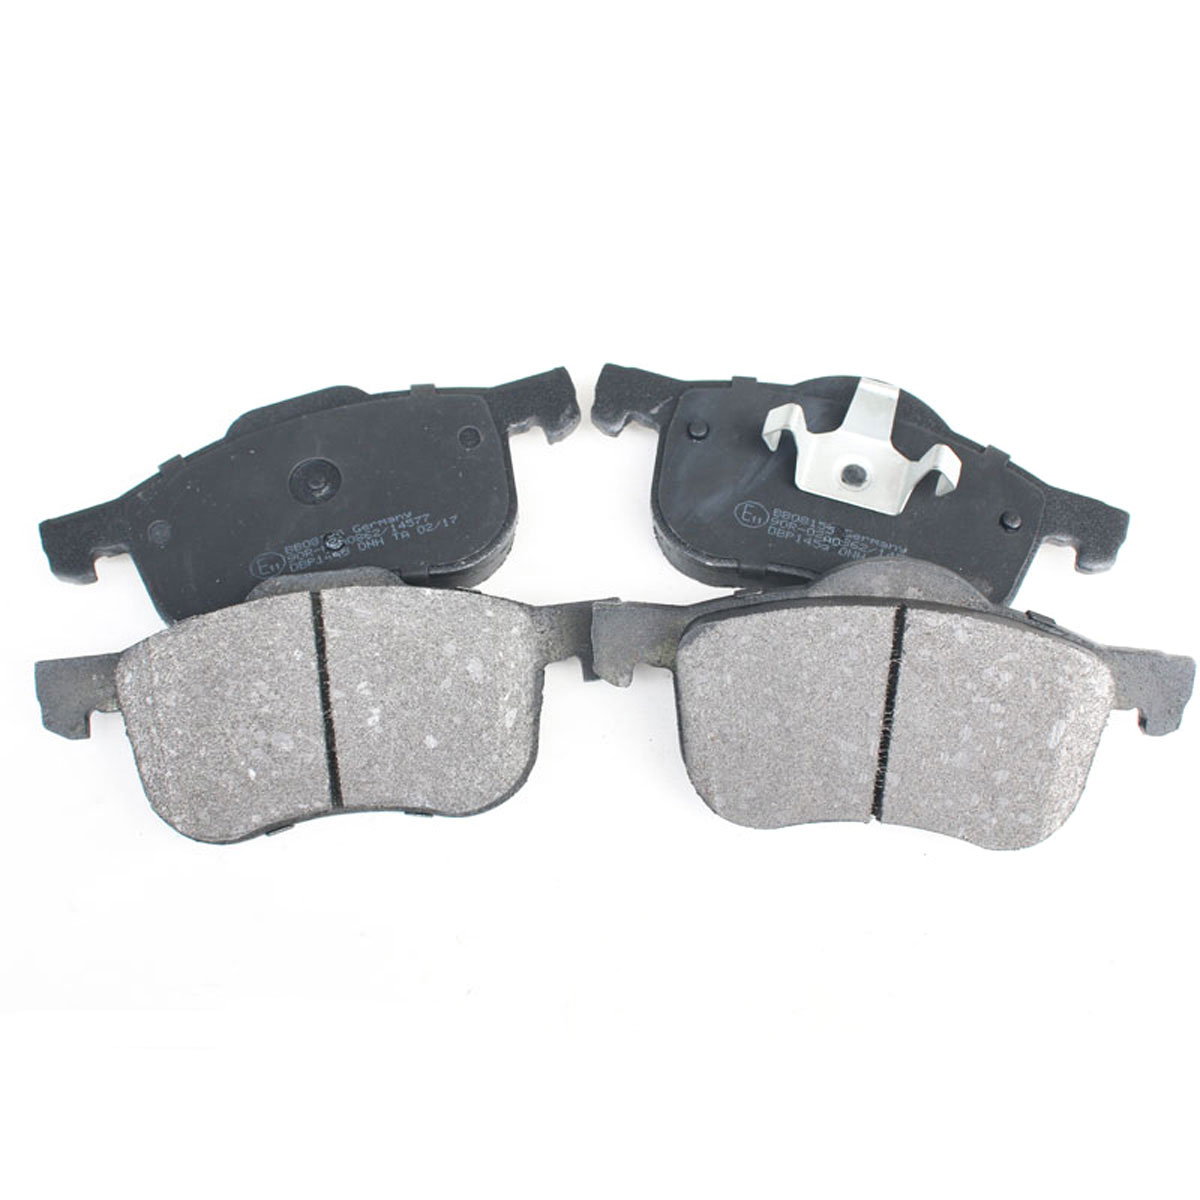 Bremsbelagsatz Scheibenbremse Vorderachse für Volvo S60, S80, V70, XC70, BB08155